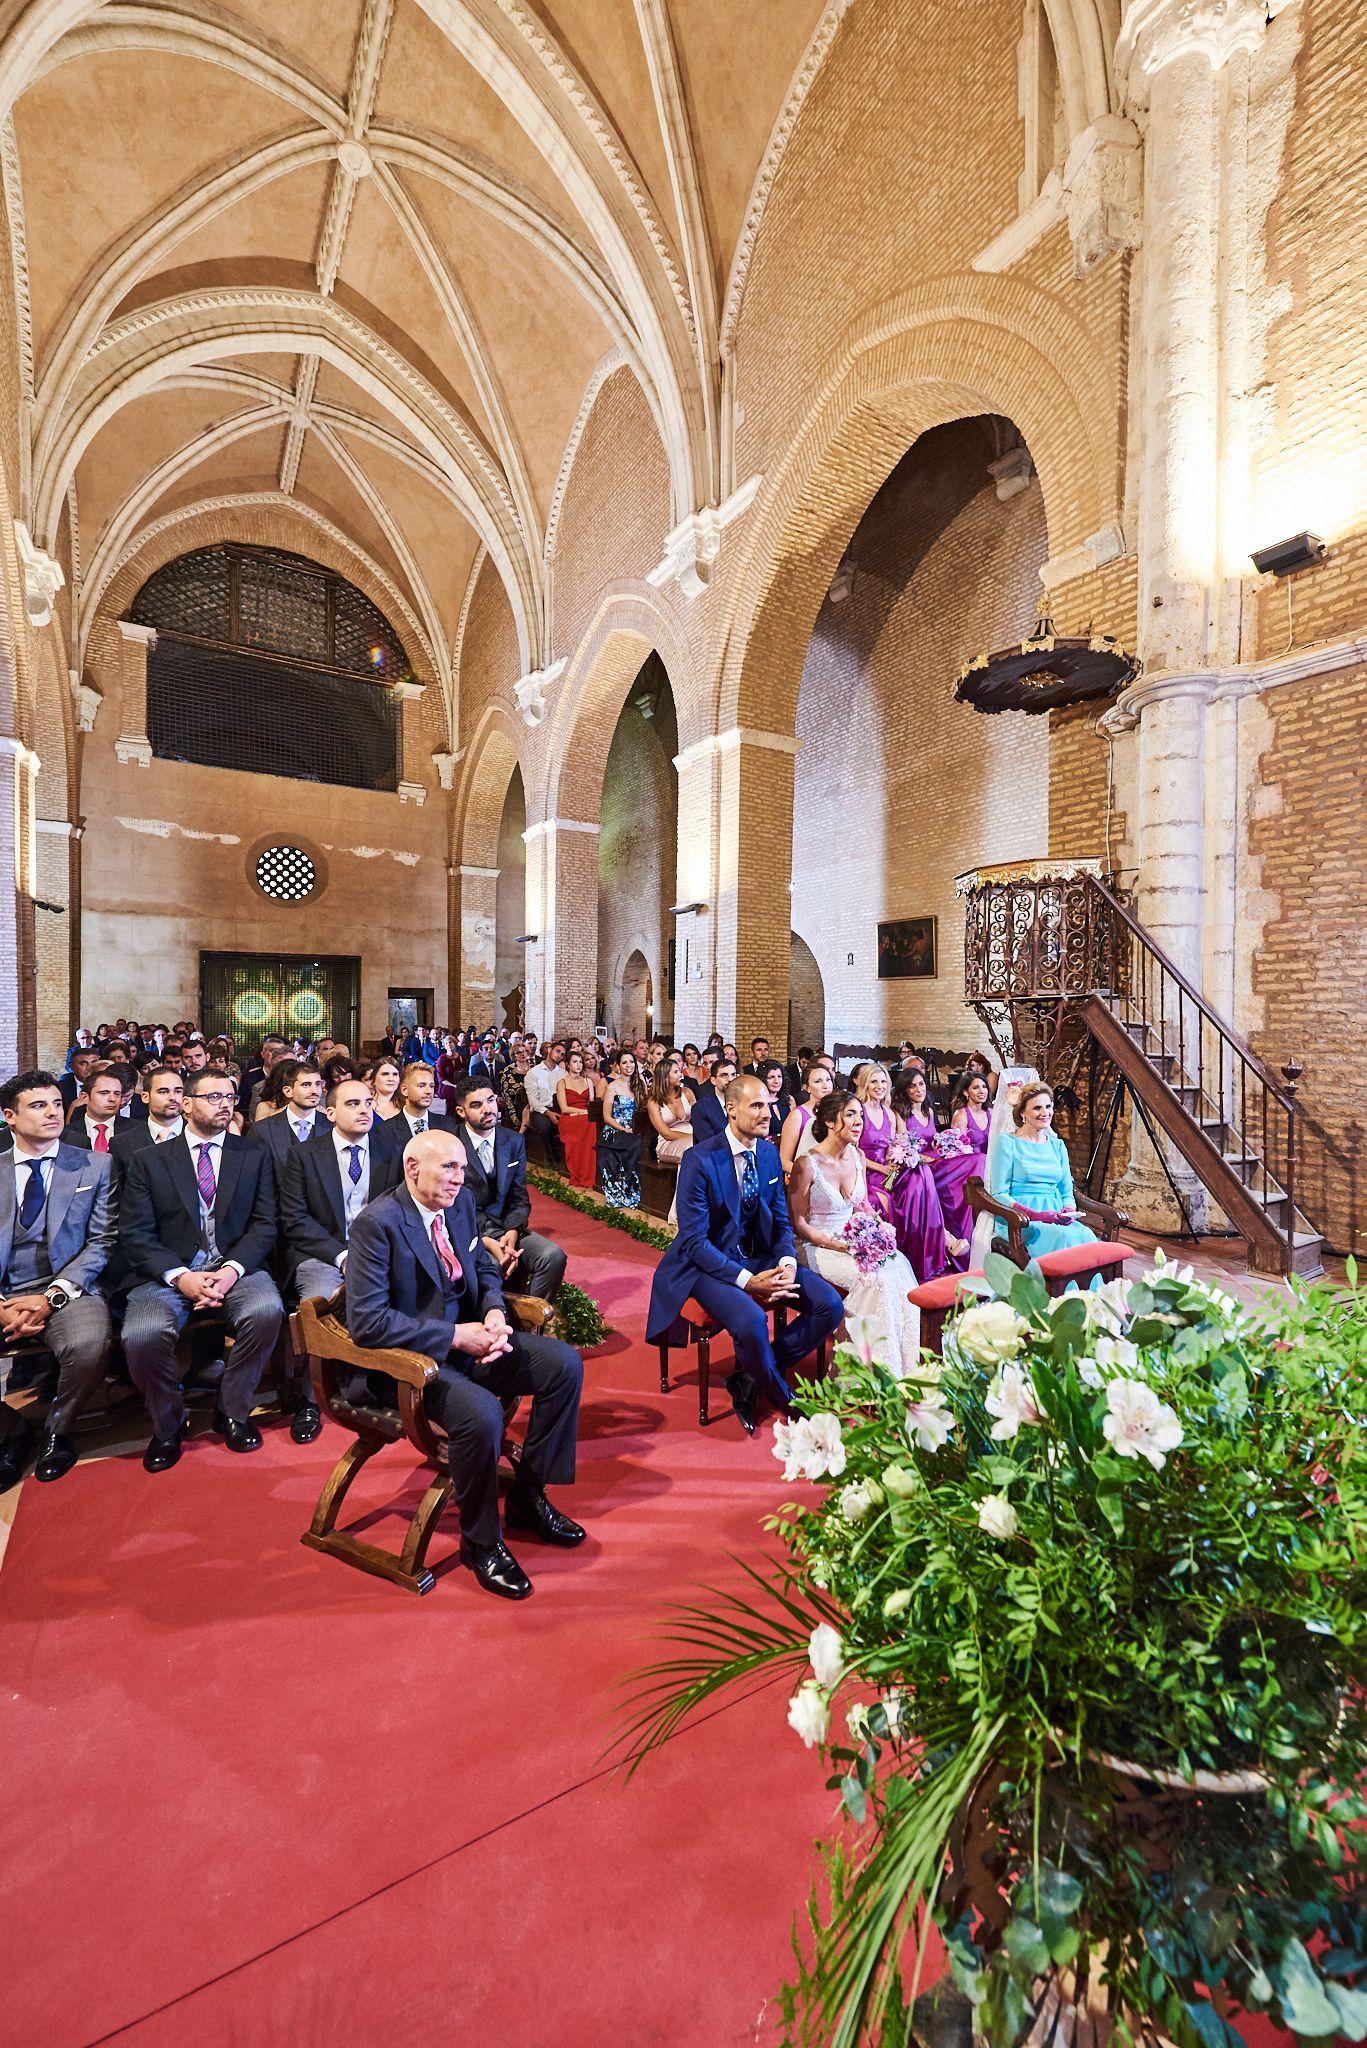 La-22Destination-Wedding22-en-Moguer-de-Lauren-y-JosC3A9-Antonio-JoseAntonio-alejandromarmol1437.jpg